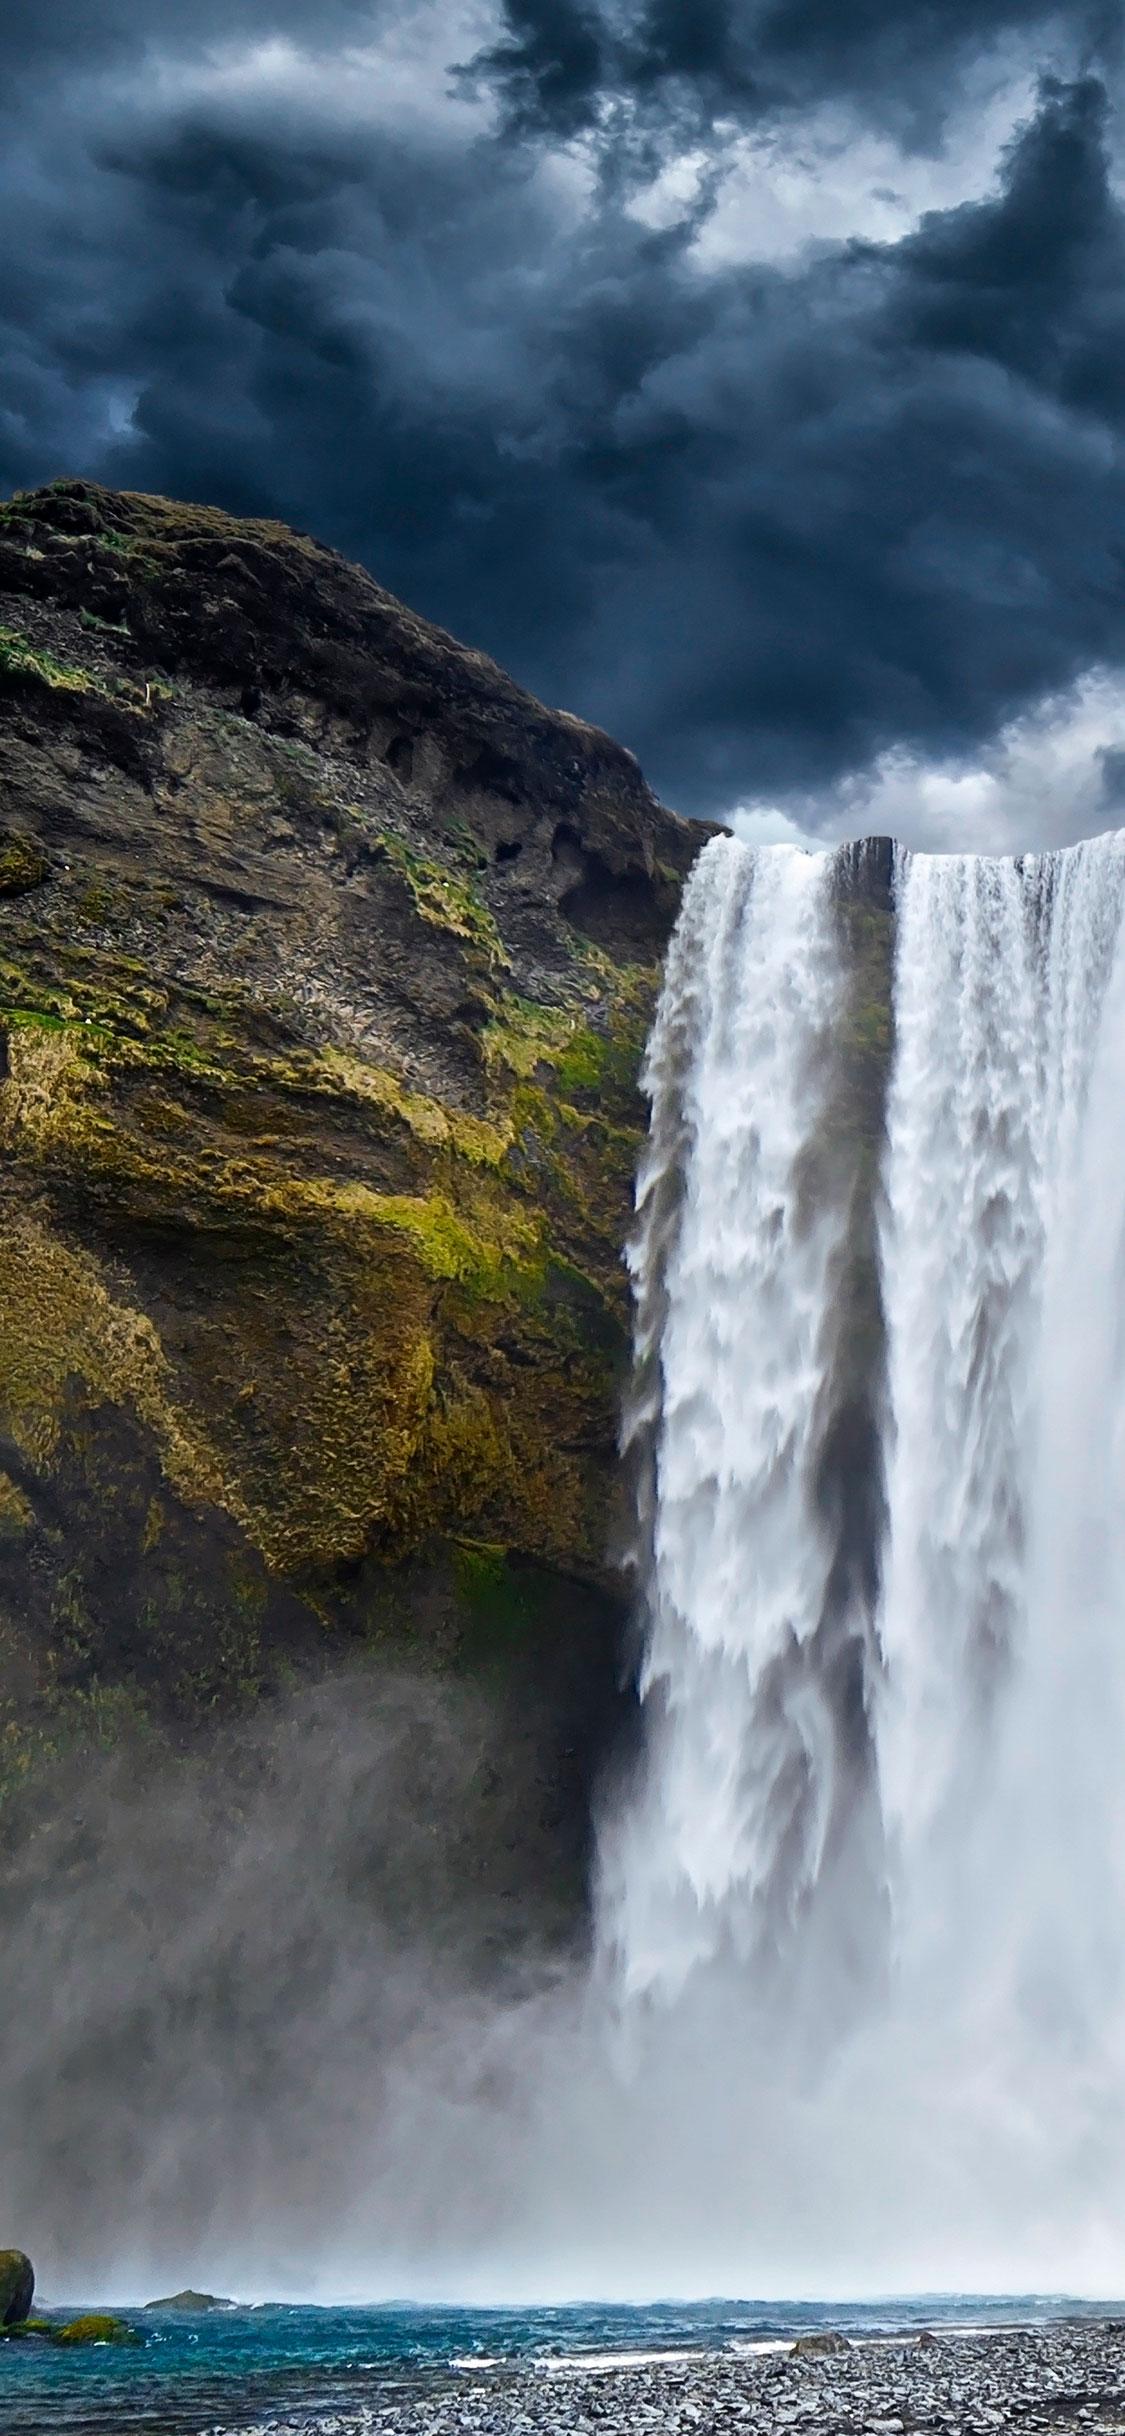 iPhone wallpaper waterfall river Fonds d'écran iPhone du 20/06/2018